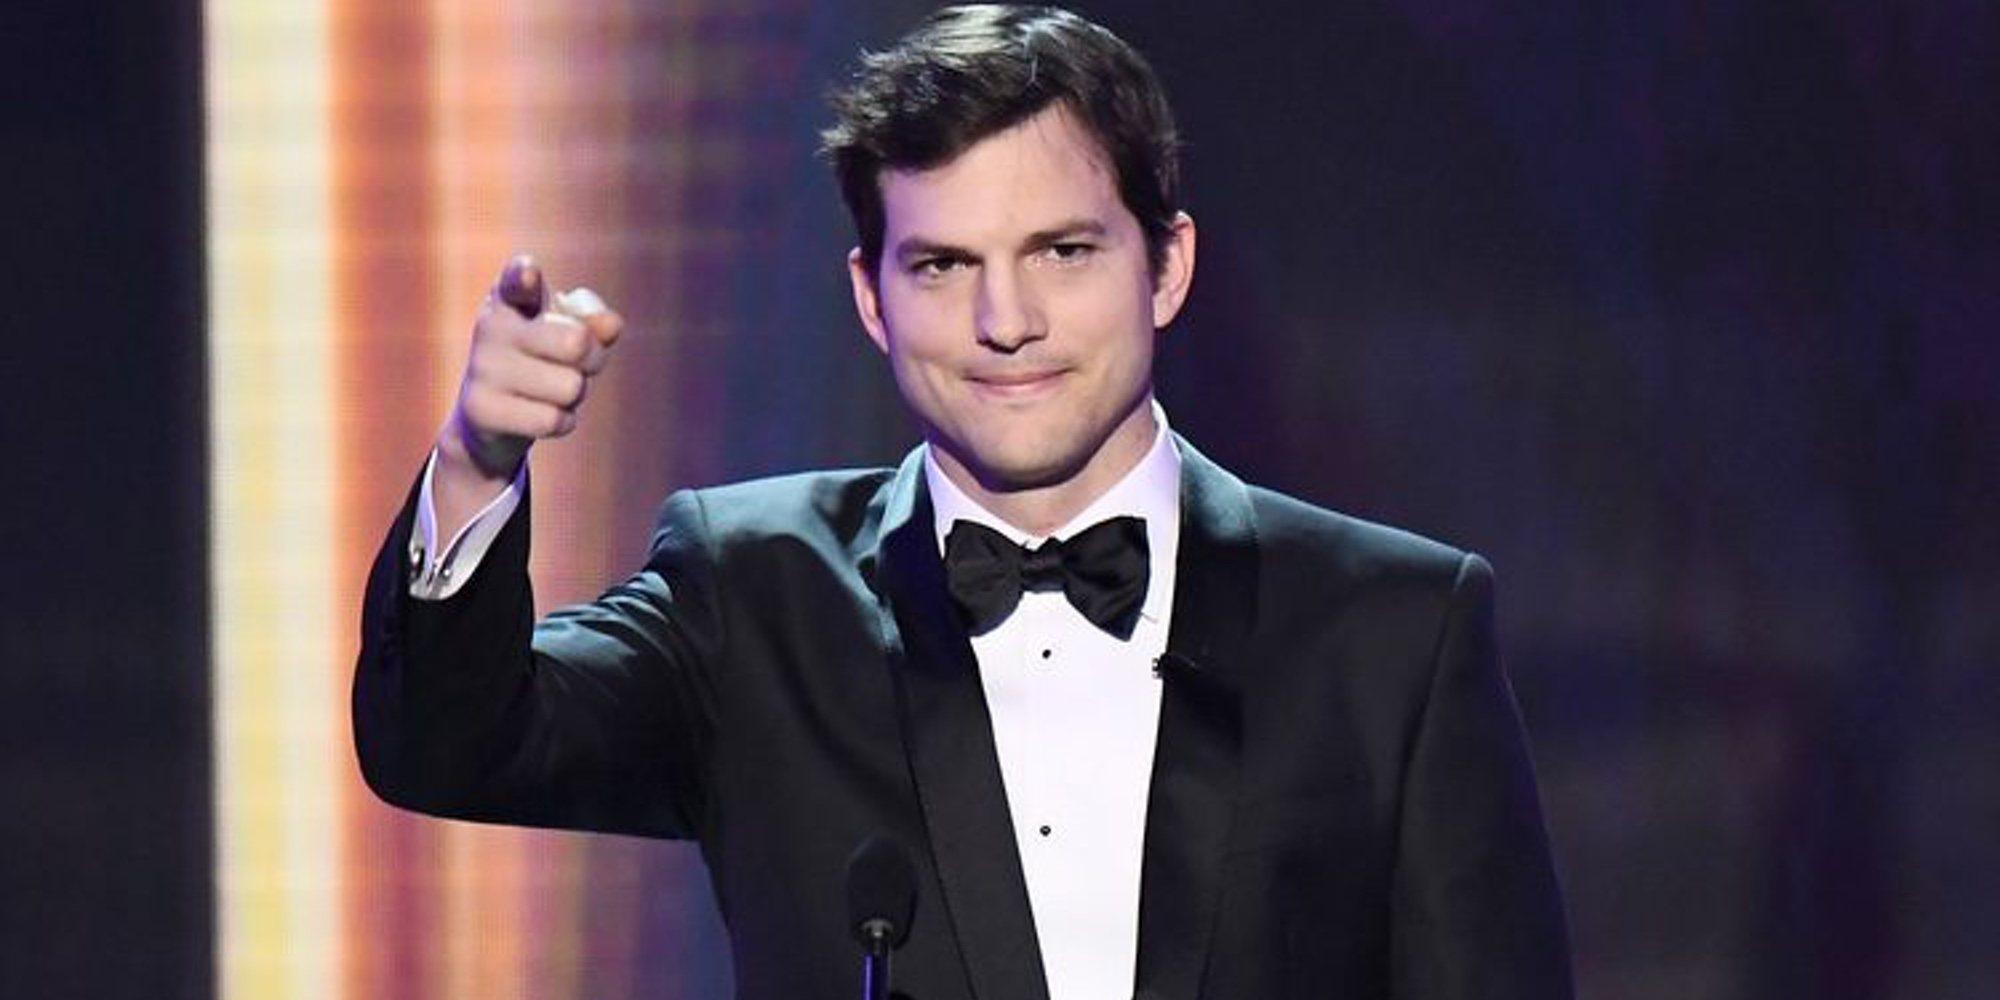 Ashton Kutcher publica su número de móvil para que sus fans puedan contactar con él